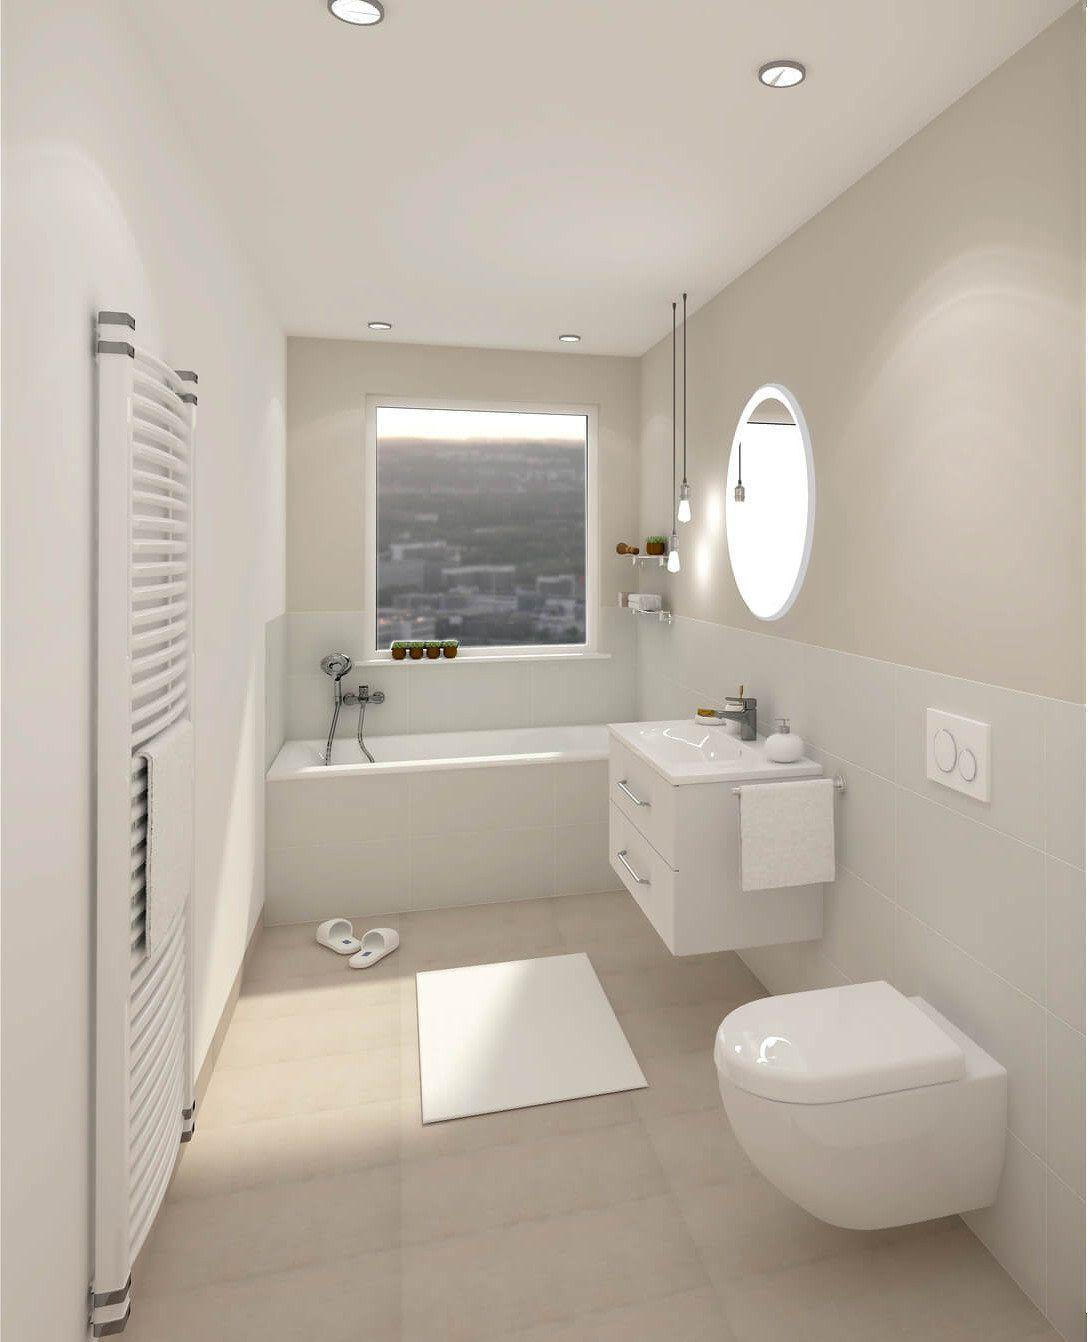 13 Badezimmer Ideen Inspiration Fur Dein Traumbad Obi Badplaner Eintagamsee Badgestaltung Badezimmer Badezimmer Innenausstattung